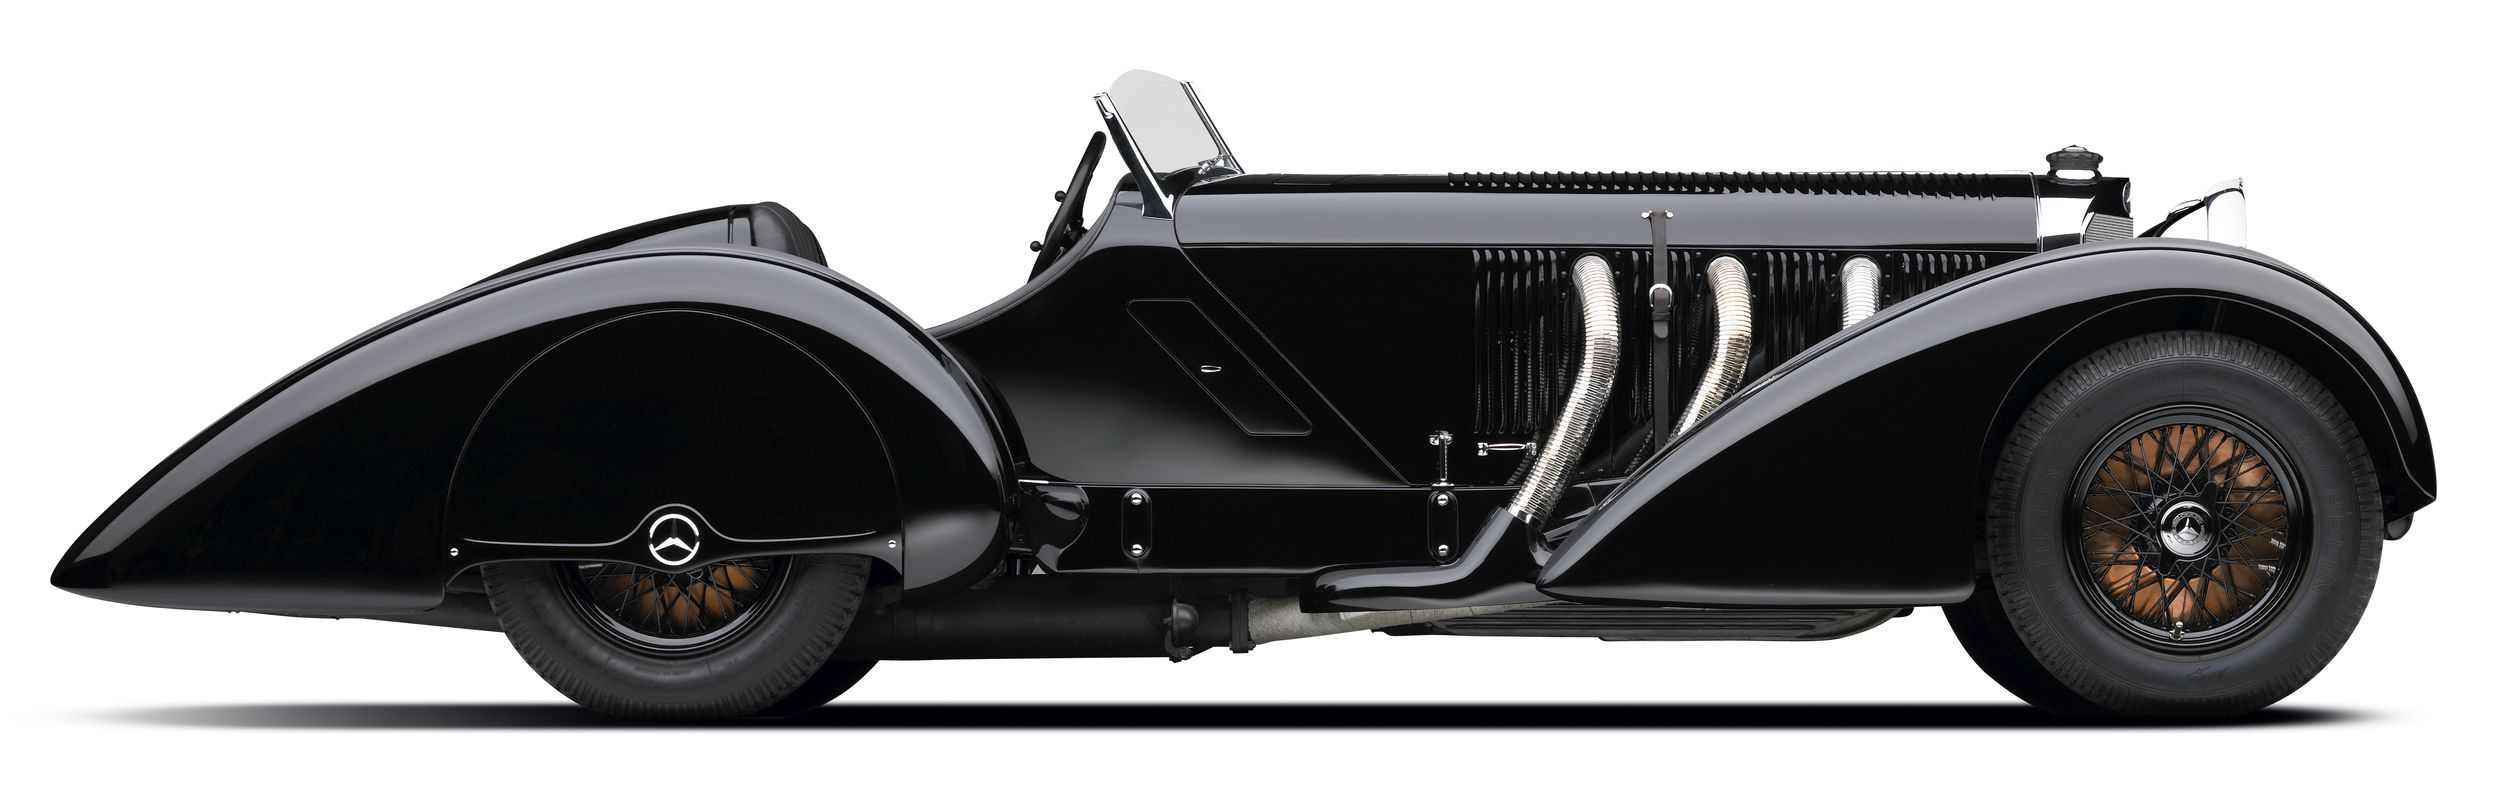 1930-Mercedes-SSK-side.jpg